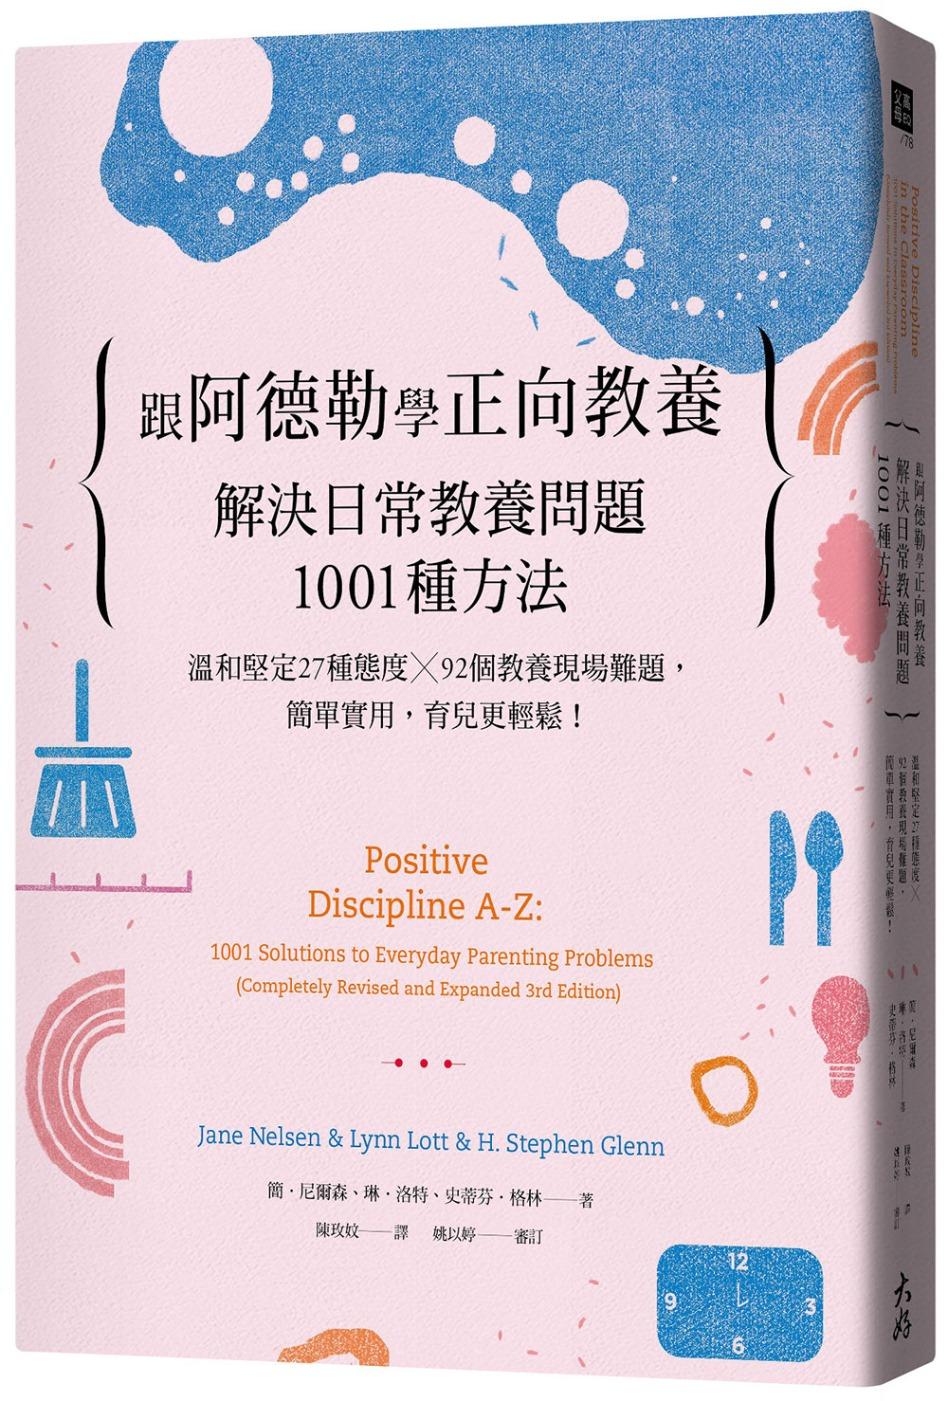 跟阿德勒學正向教養:解決日常教養問題1001種方法 溫和堅定27種態度╳92個教養現場難題,簡單實用,育兒更輕鬆!